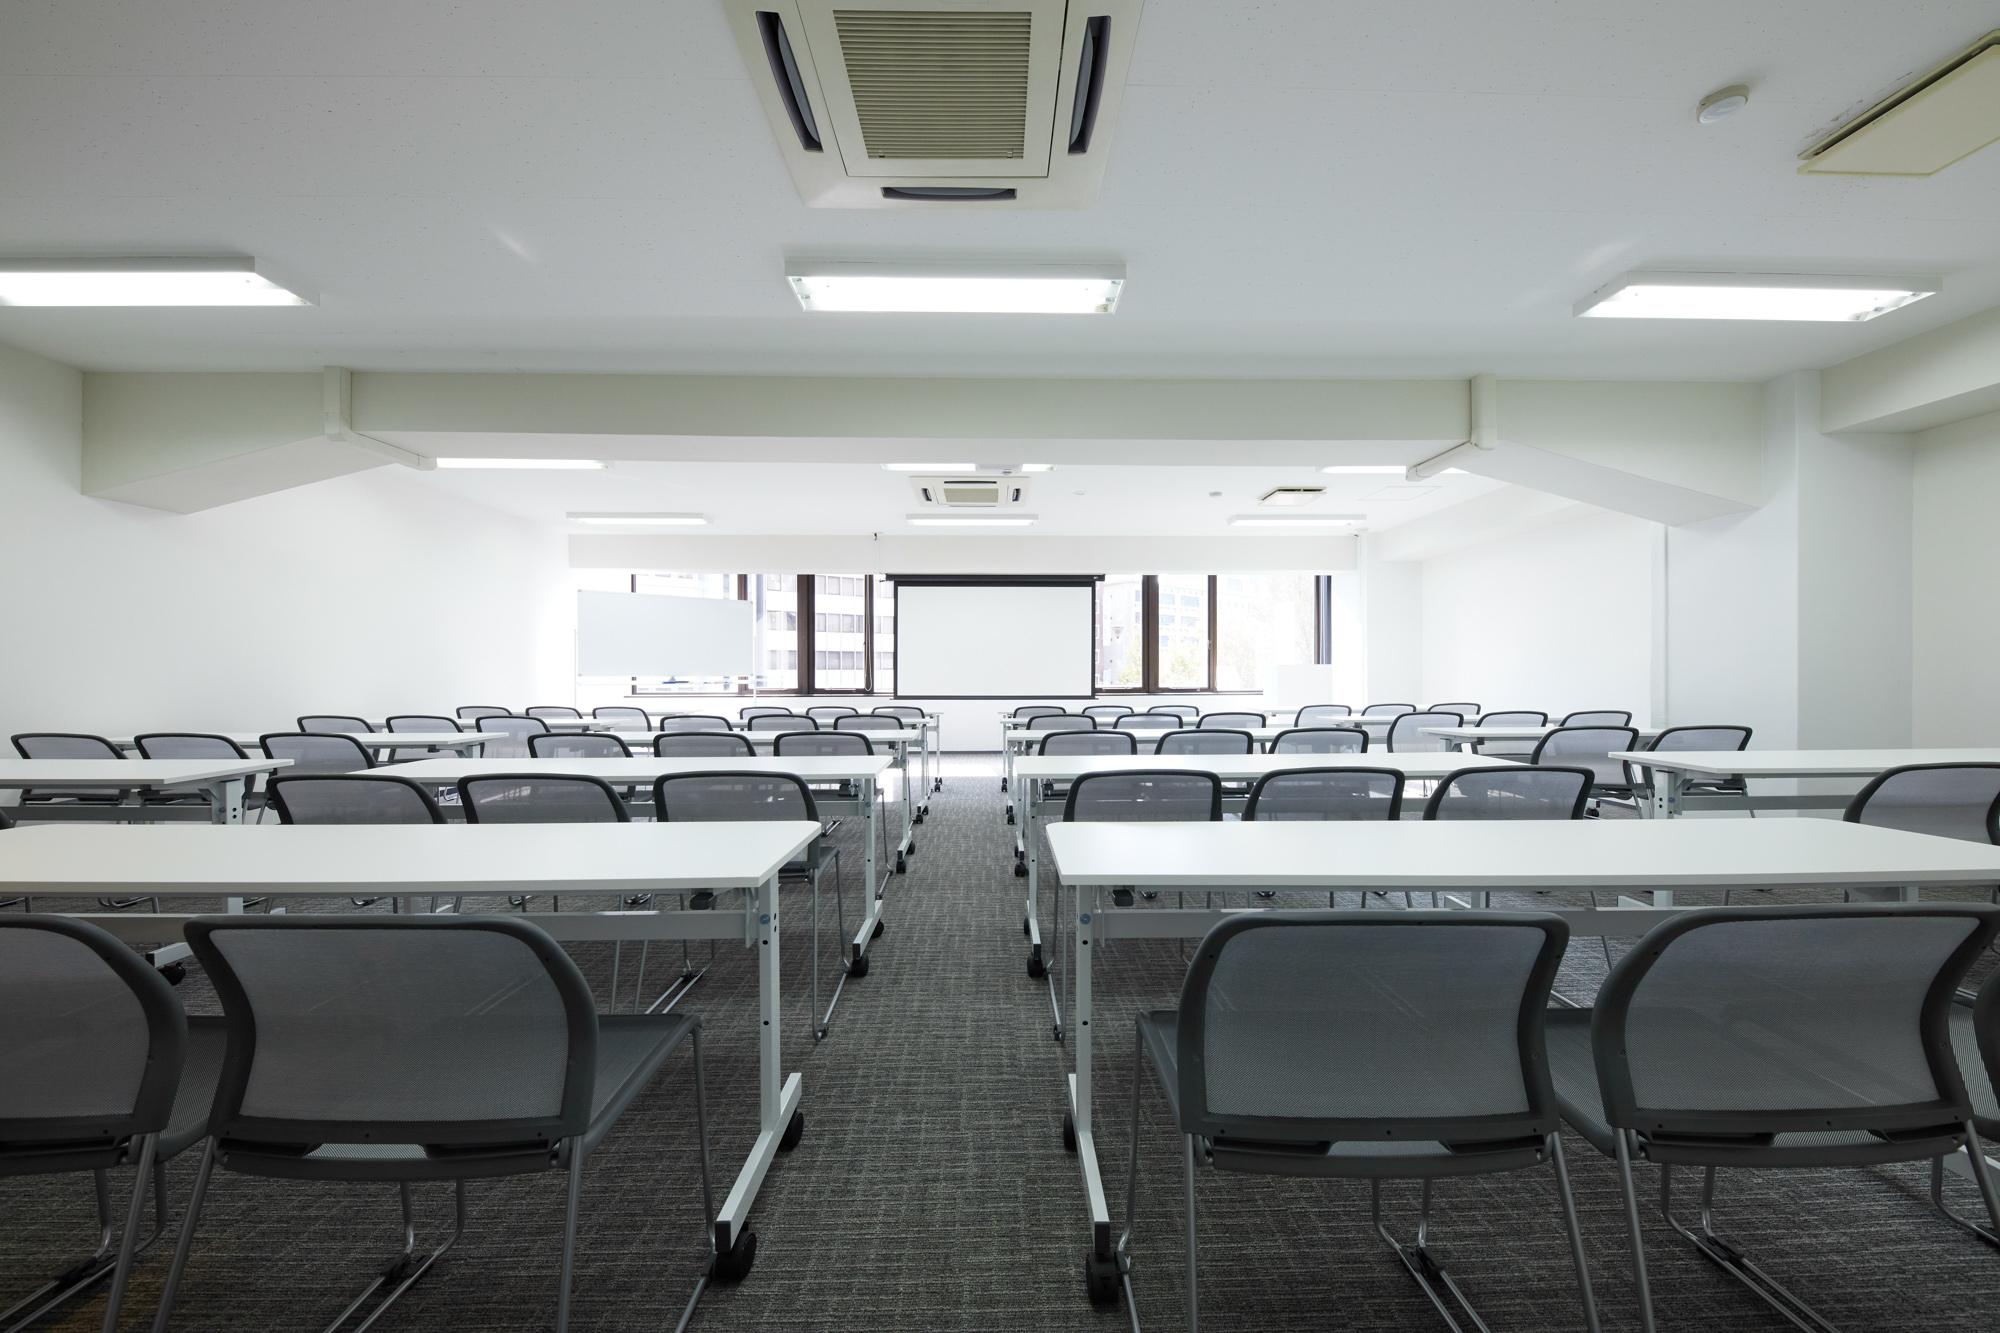 渋谷で会議やセミナーをやるなら!渋谷にある貸し会議室5選|TIME SHARING|タイムシェアリング |スペースマネジメント|あどばる|adval|SHARING